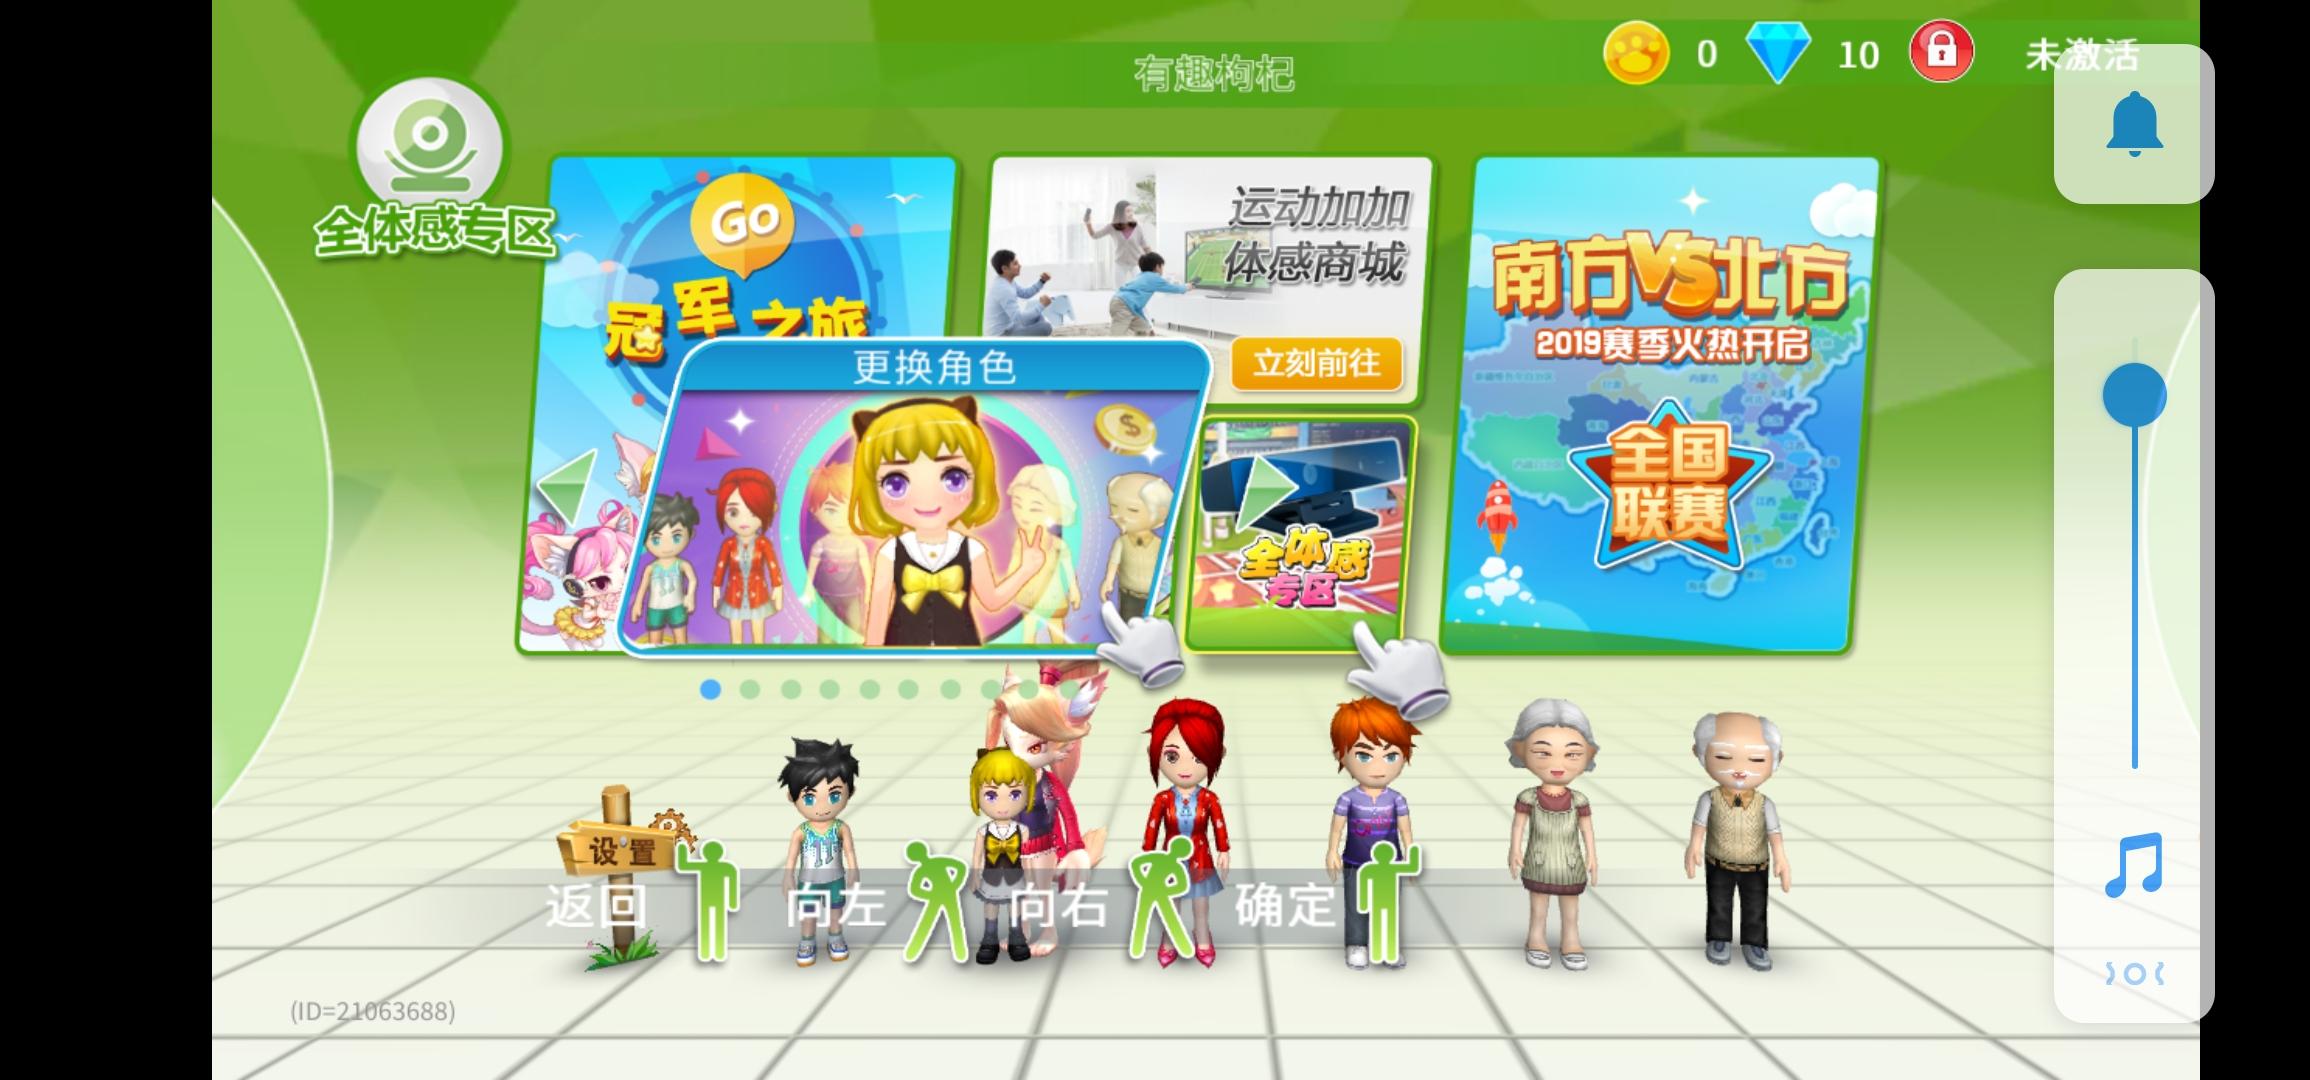 Screenshot_20200501_224831_com.jiajia.v6.honor.jpg